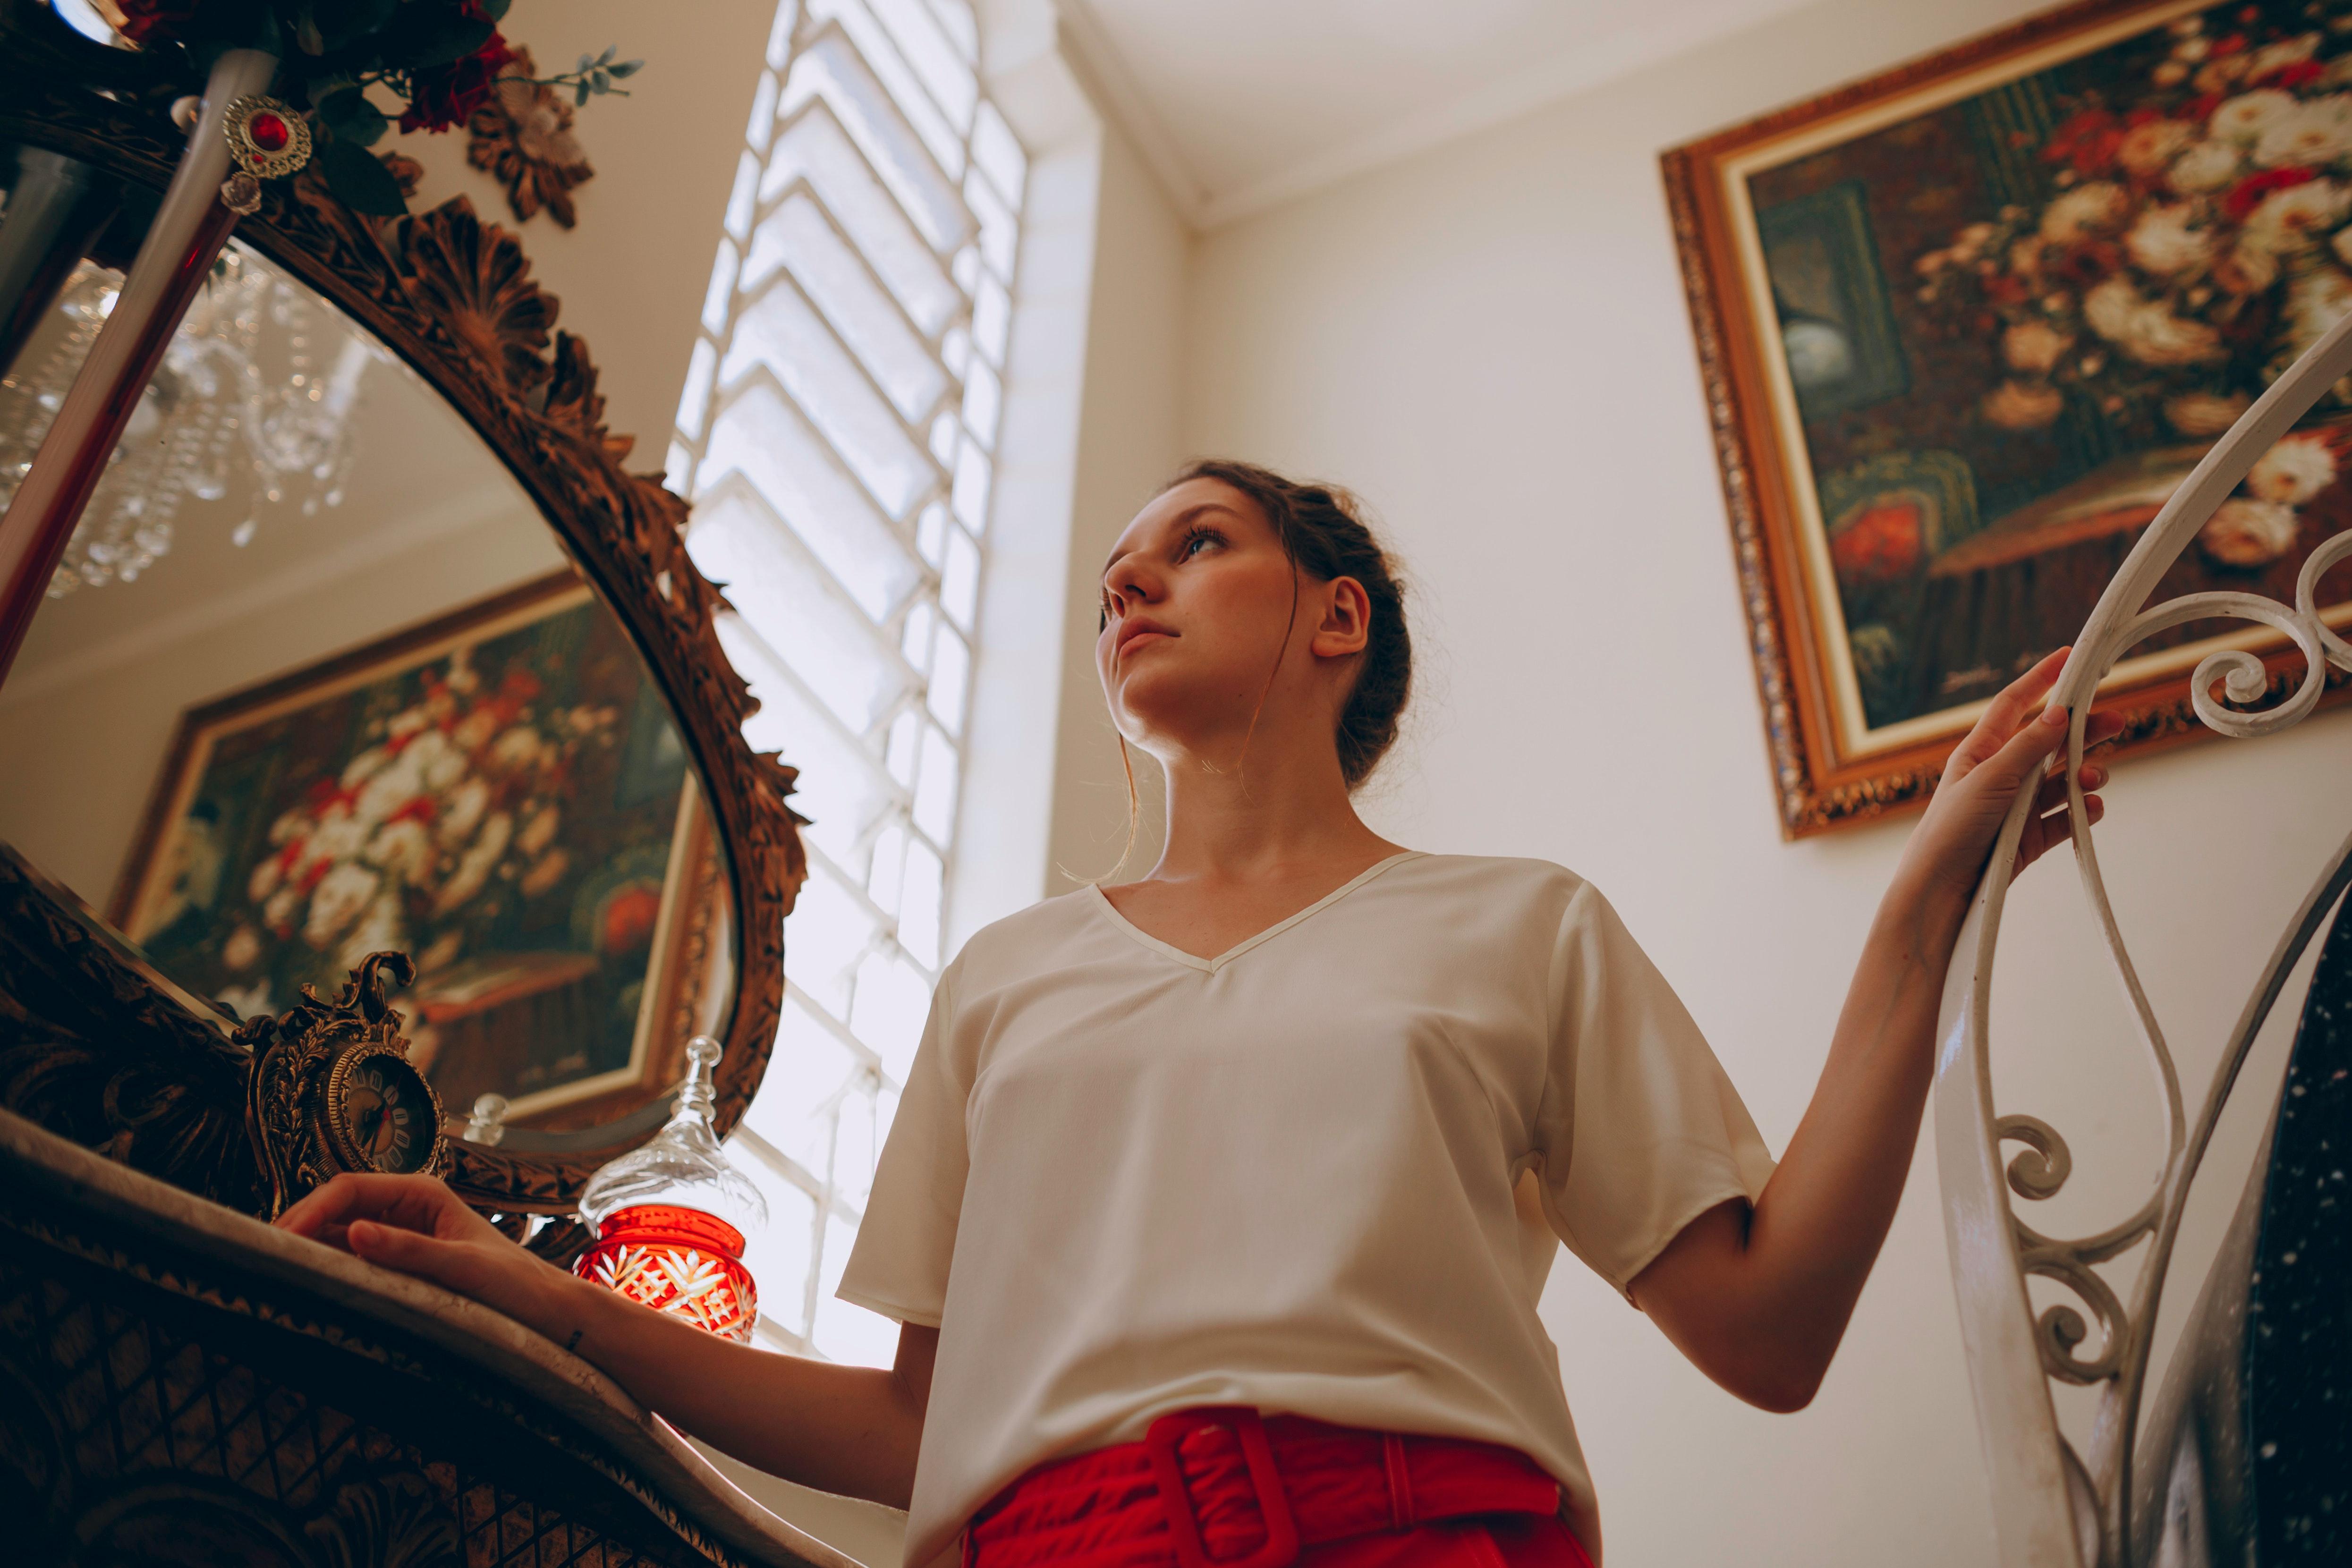 Fotoğraf Bluz Yüz Ifadesi Kadın Mobilya El Ray Kapalı